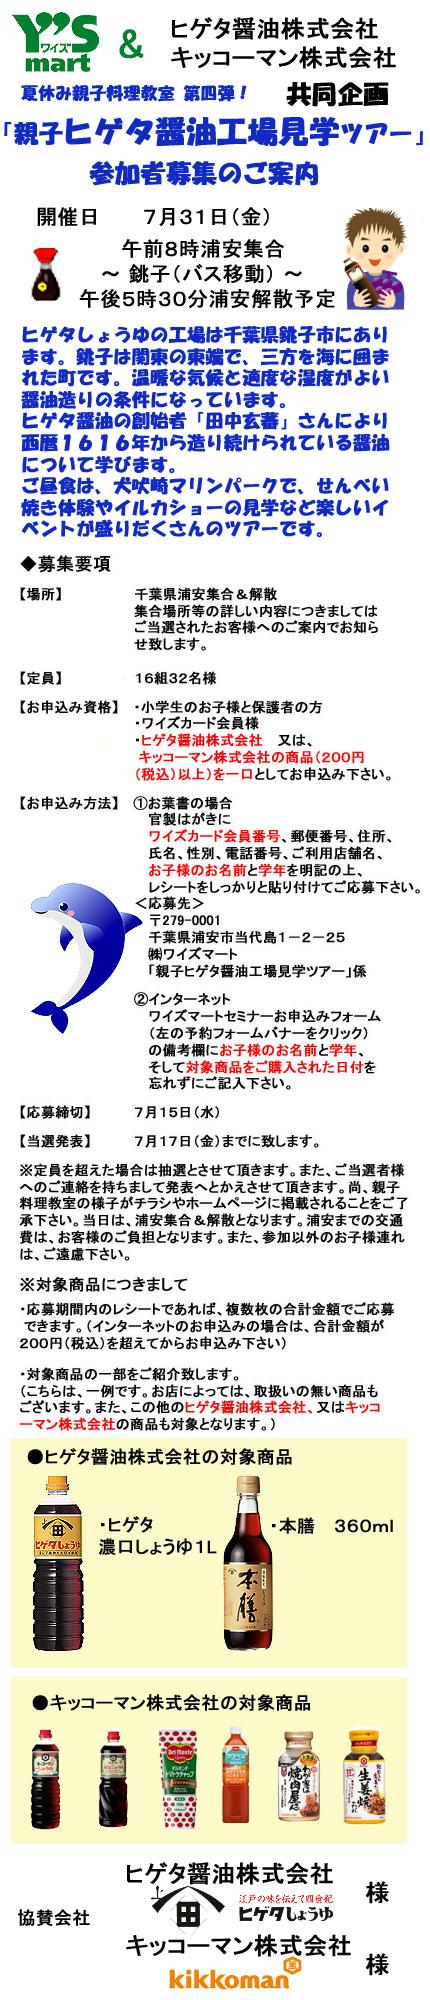 親子ヒゲタ醤油工場.jpg